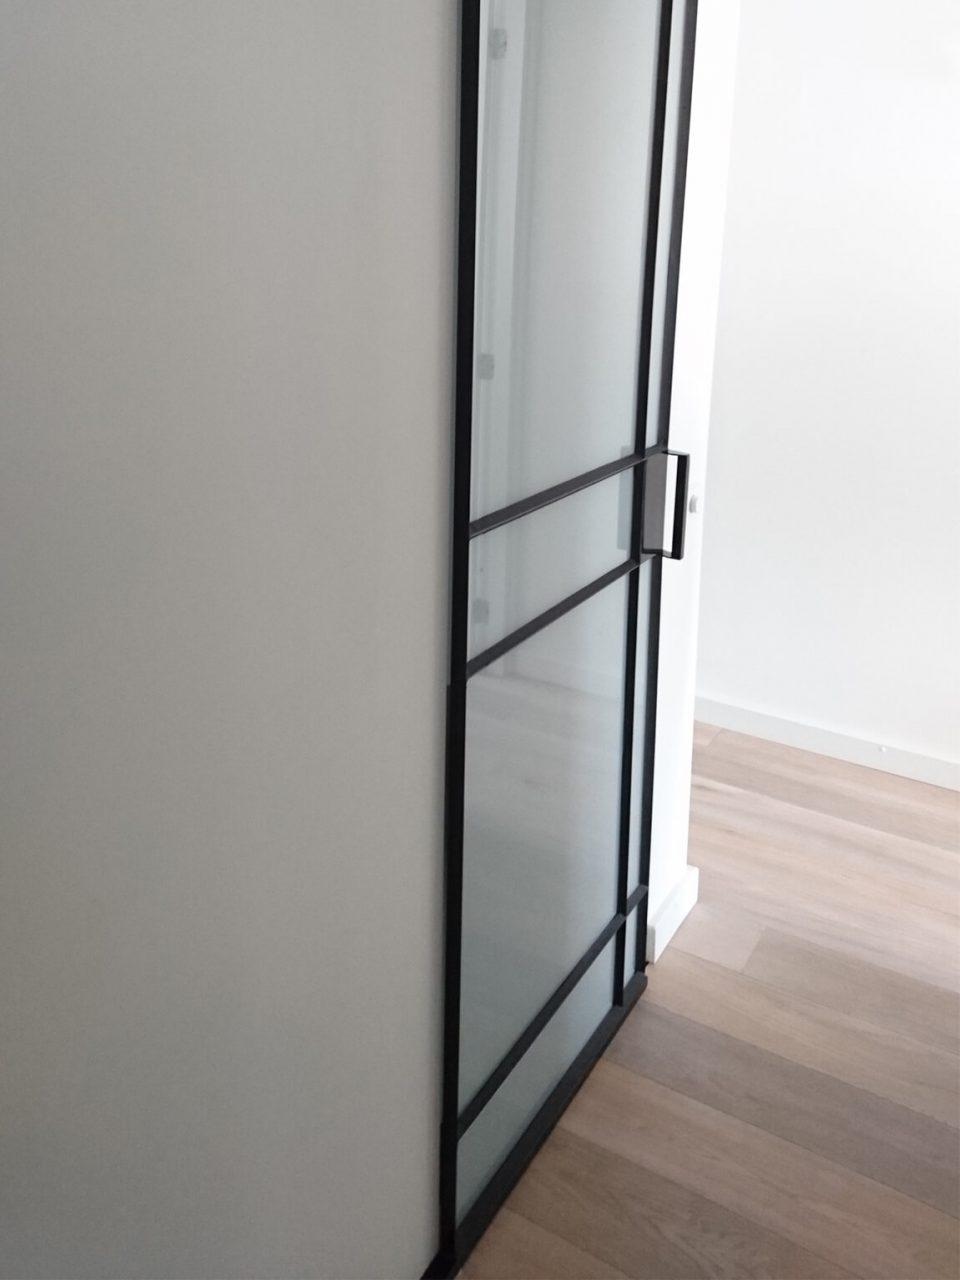 stalen schuifdeur met melkglas in luxe badkamer gerealiseerd door StalenDeurenHuys